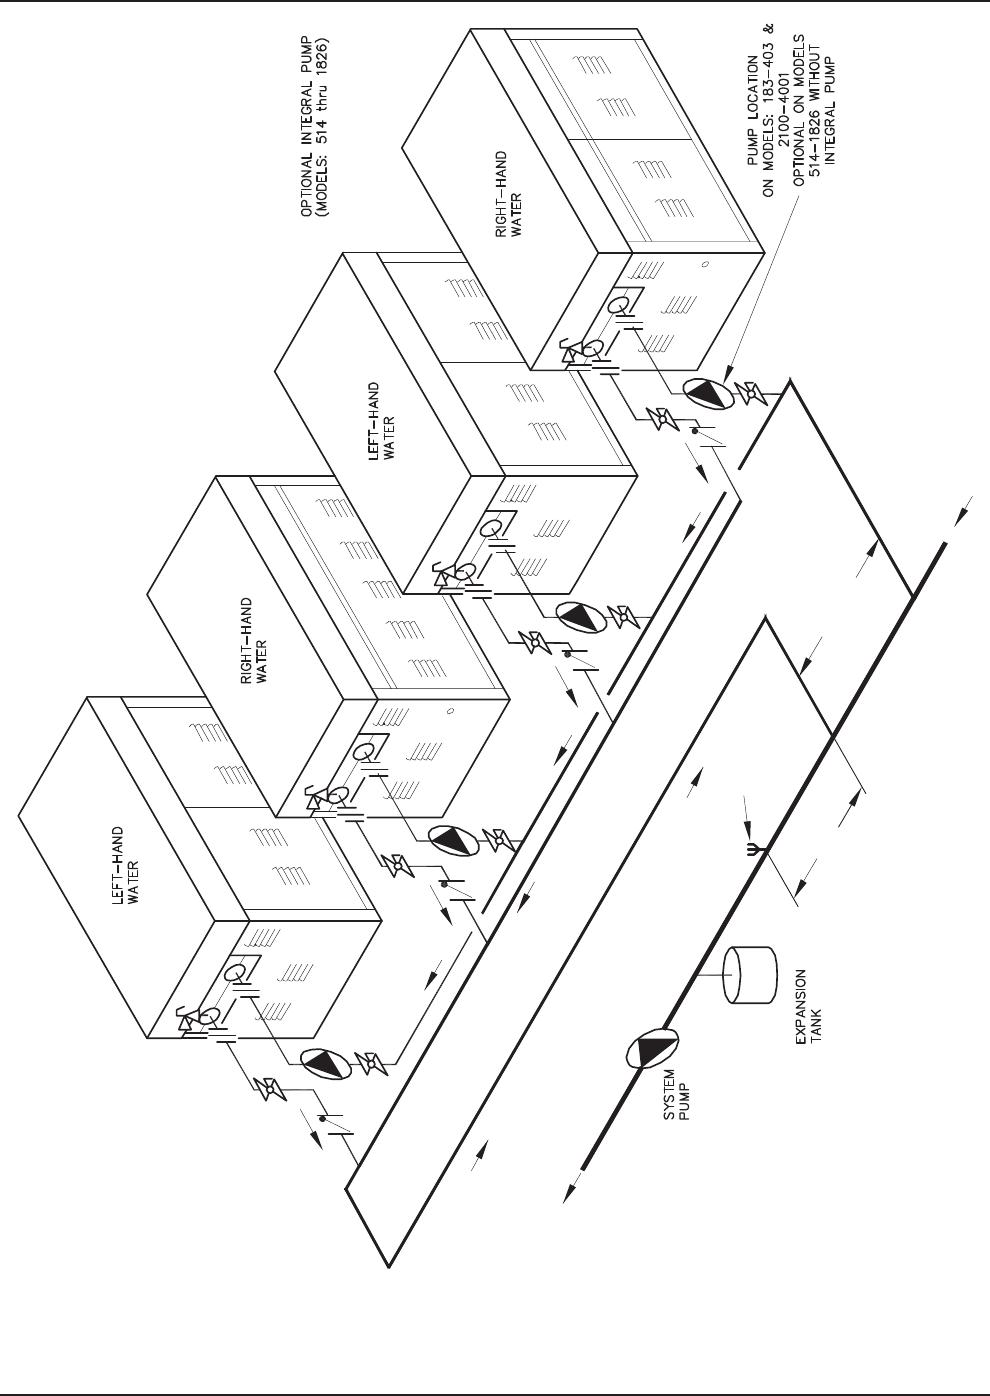 Raypak Boiler Wiring Diagram